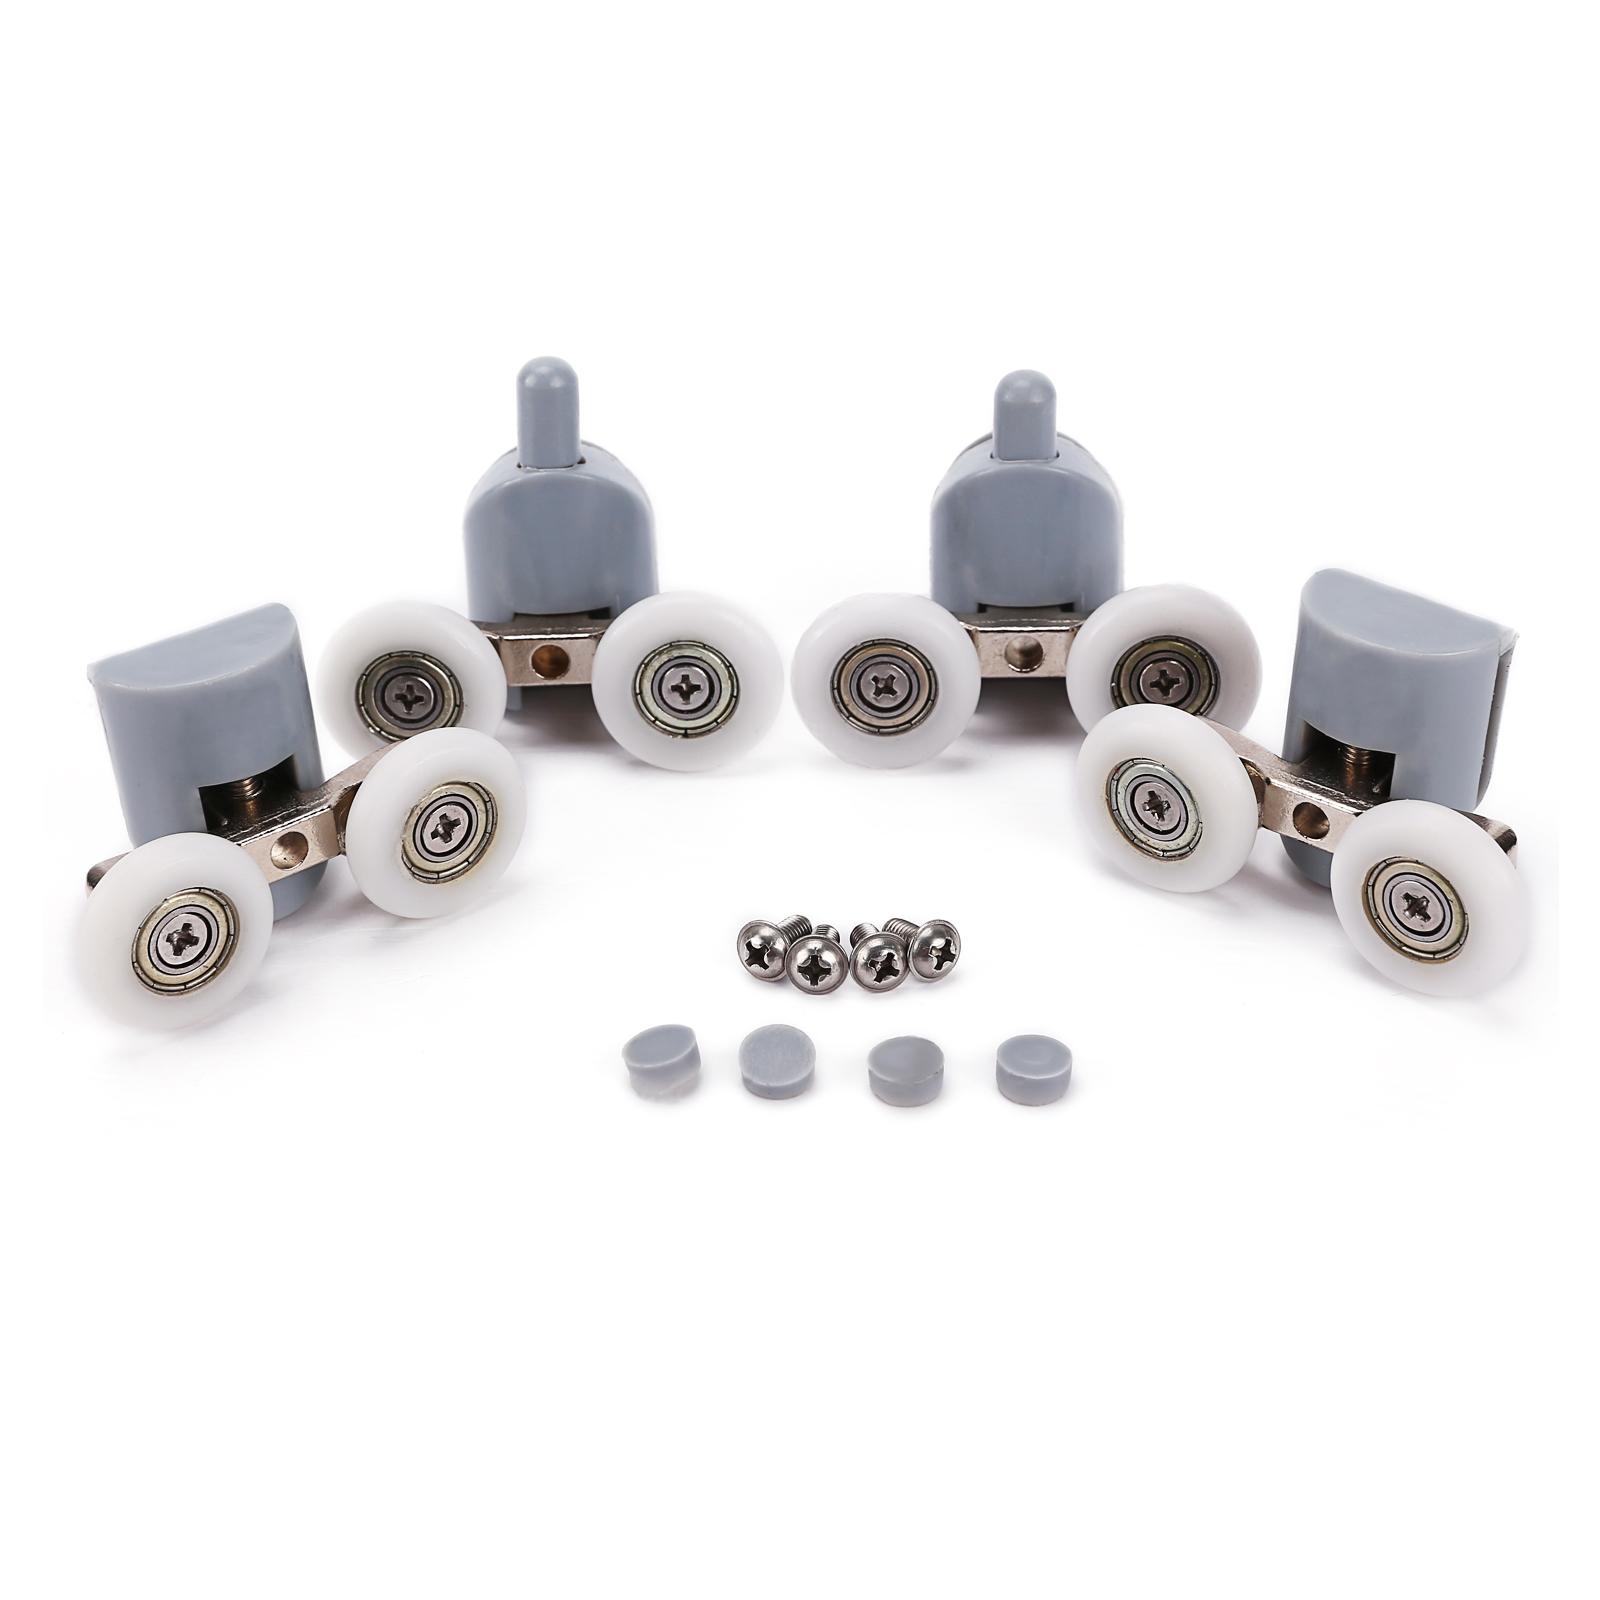 4x galet elastique ajustables dual rouleau roulette roue. Black Bedroom Furniture Sets. Home Design Ideas